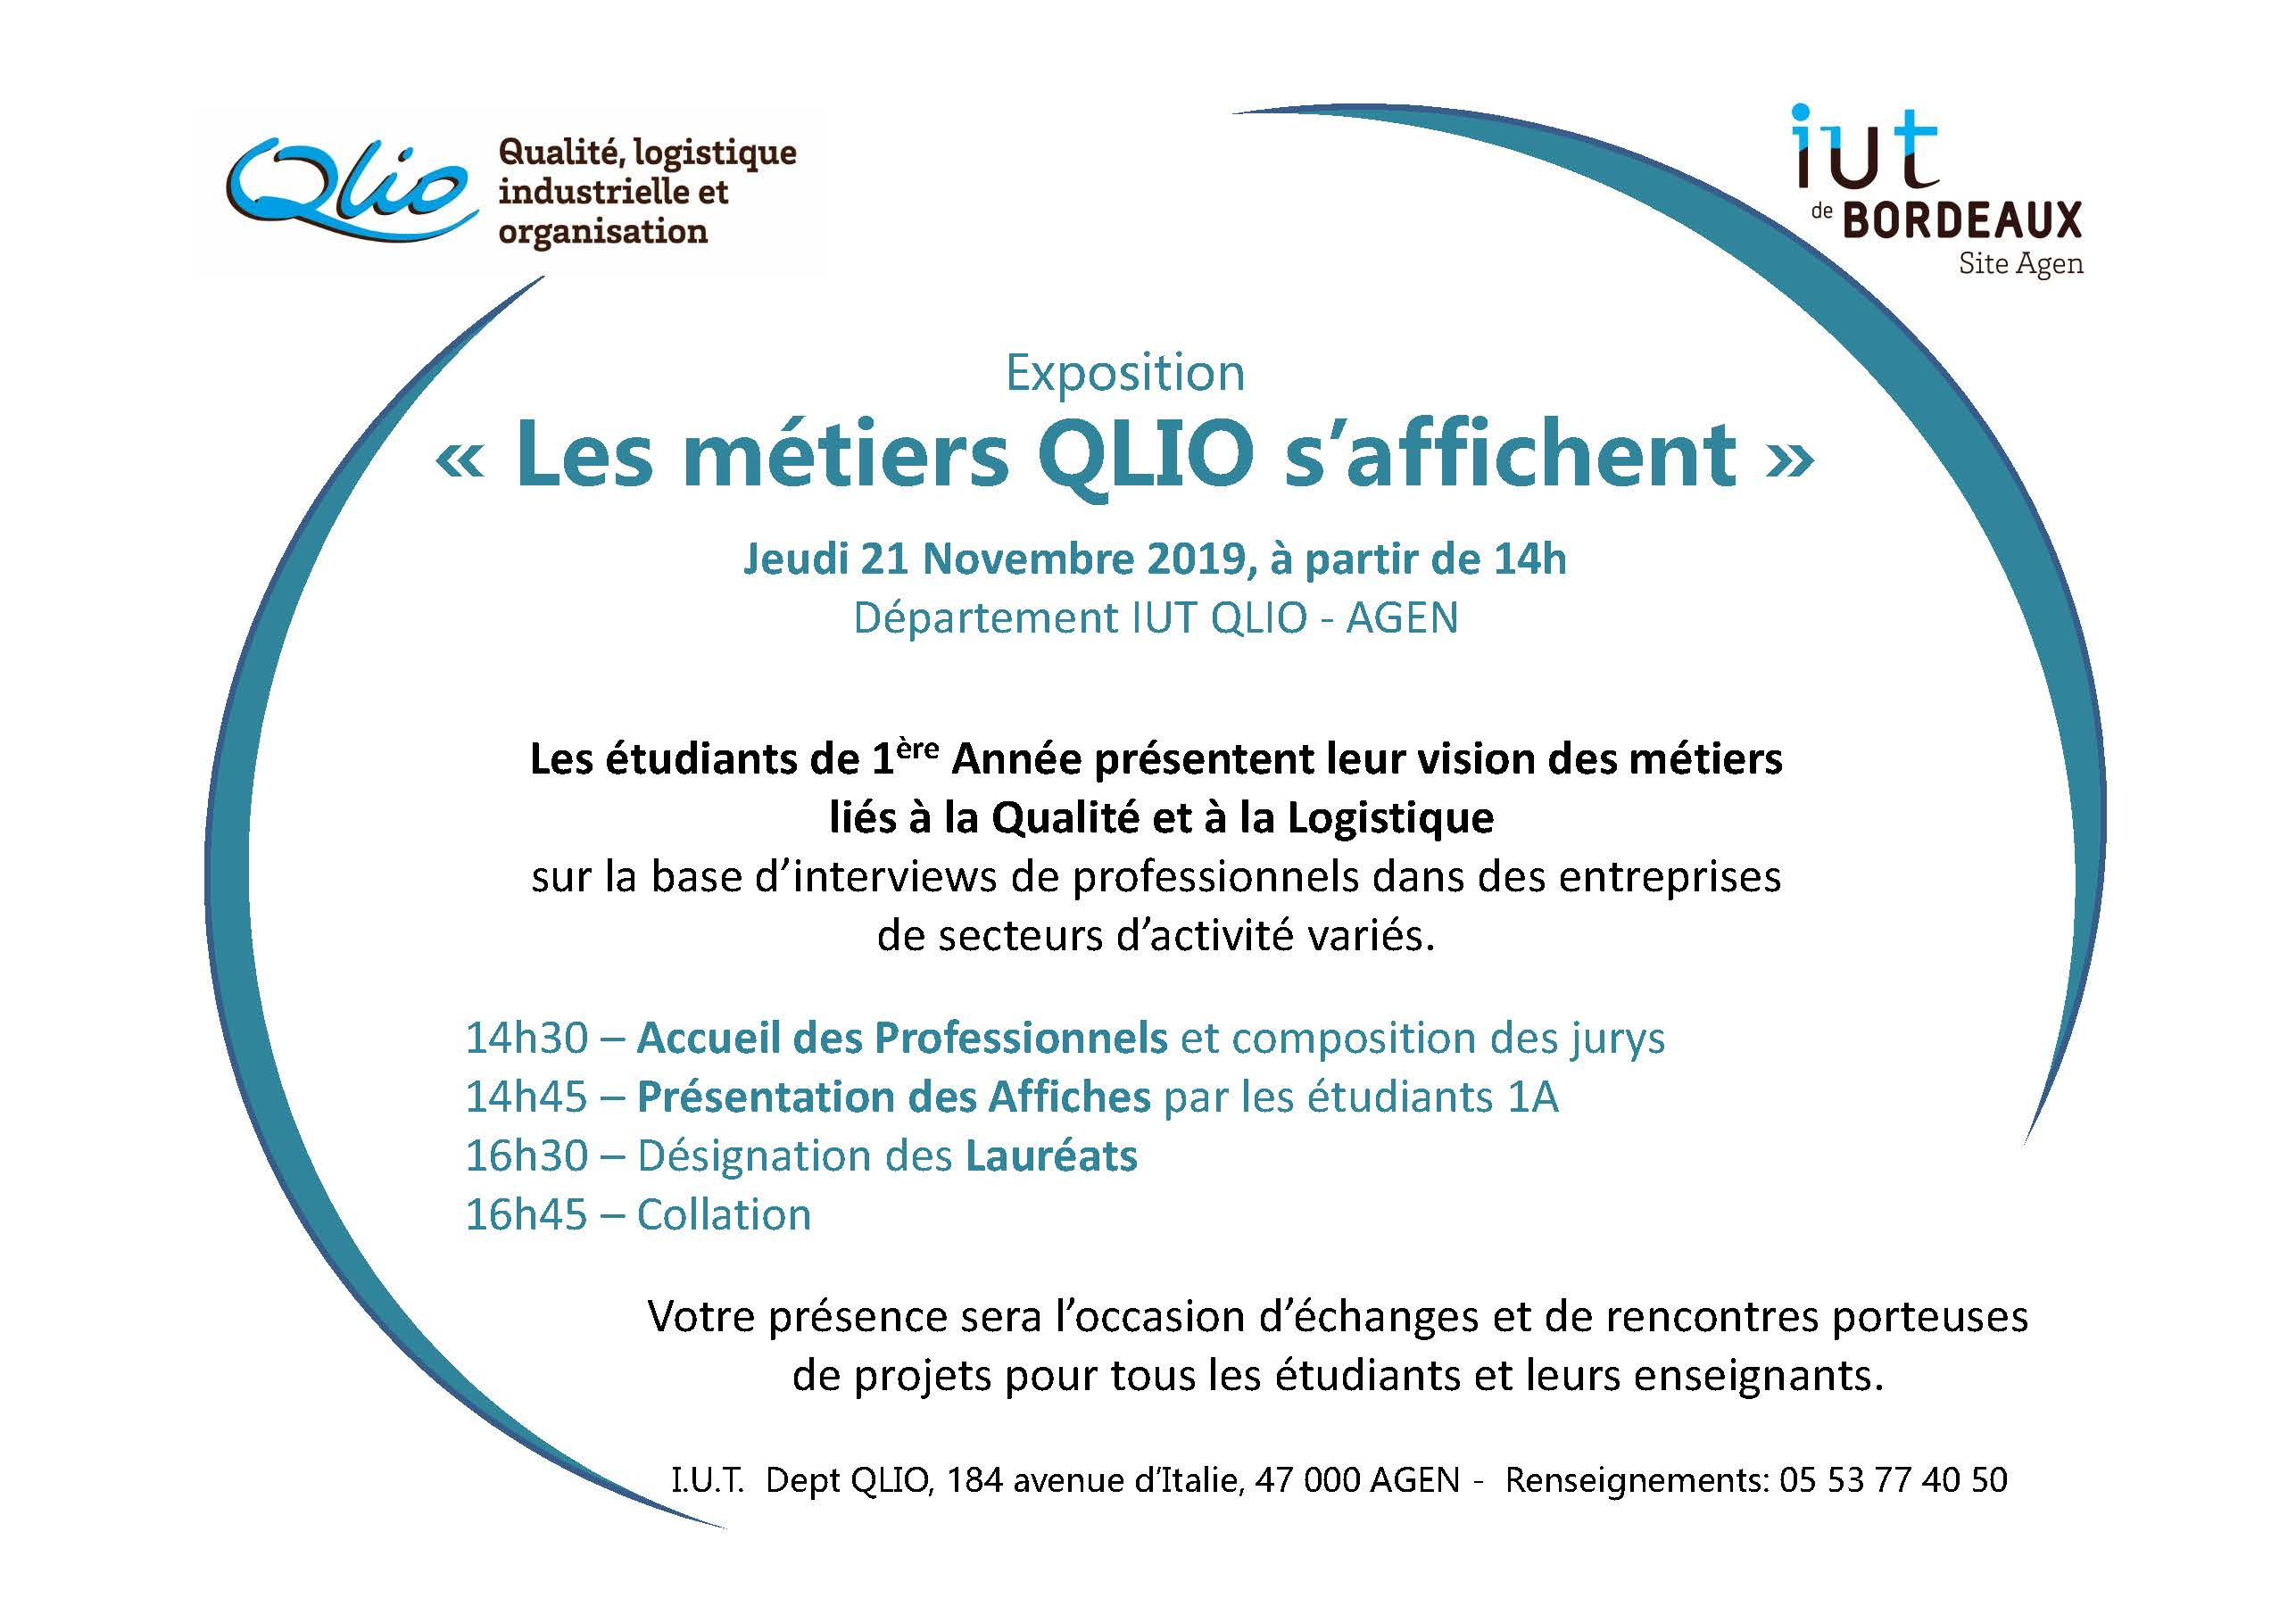 «Les métiers QLIO s'affichent» 21/11/2019